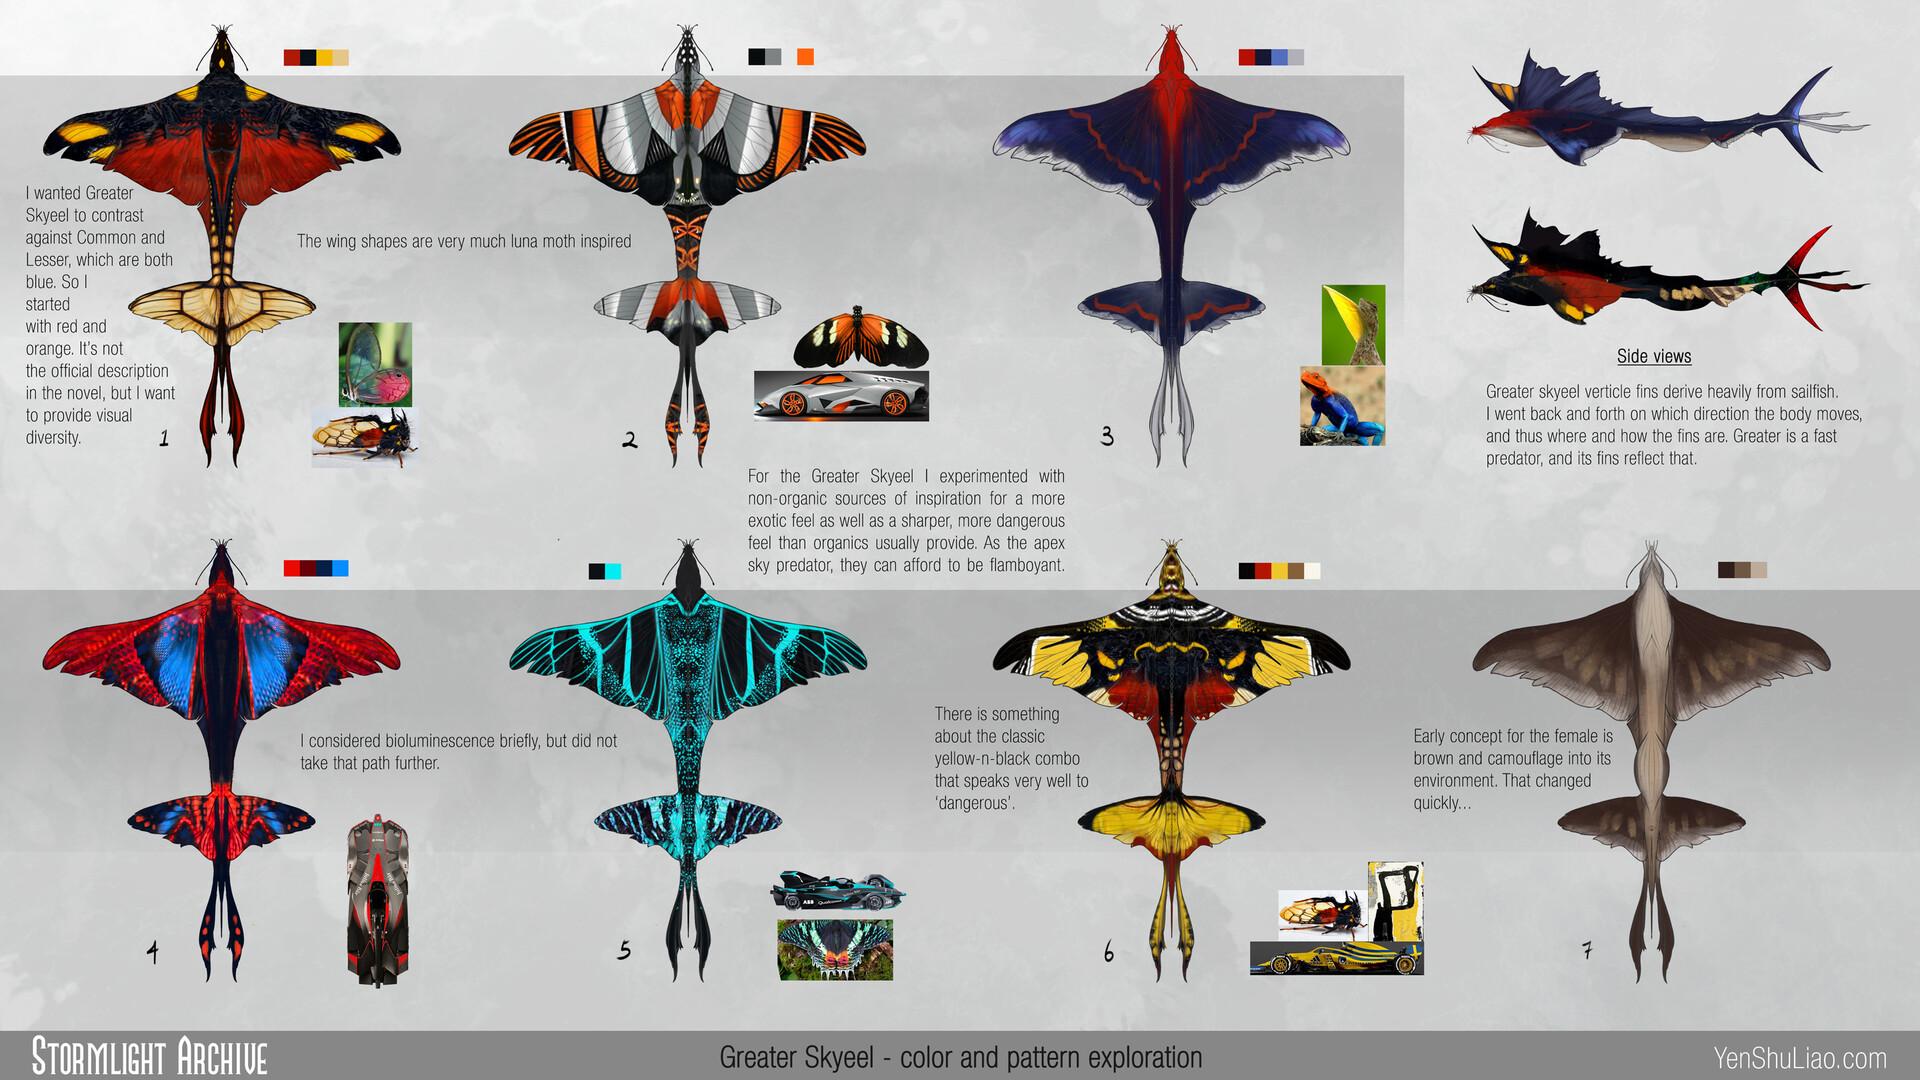 Yen shu liao stormlightarchive skyeel greater creature concept colors yen shu liao